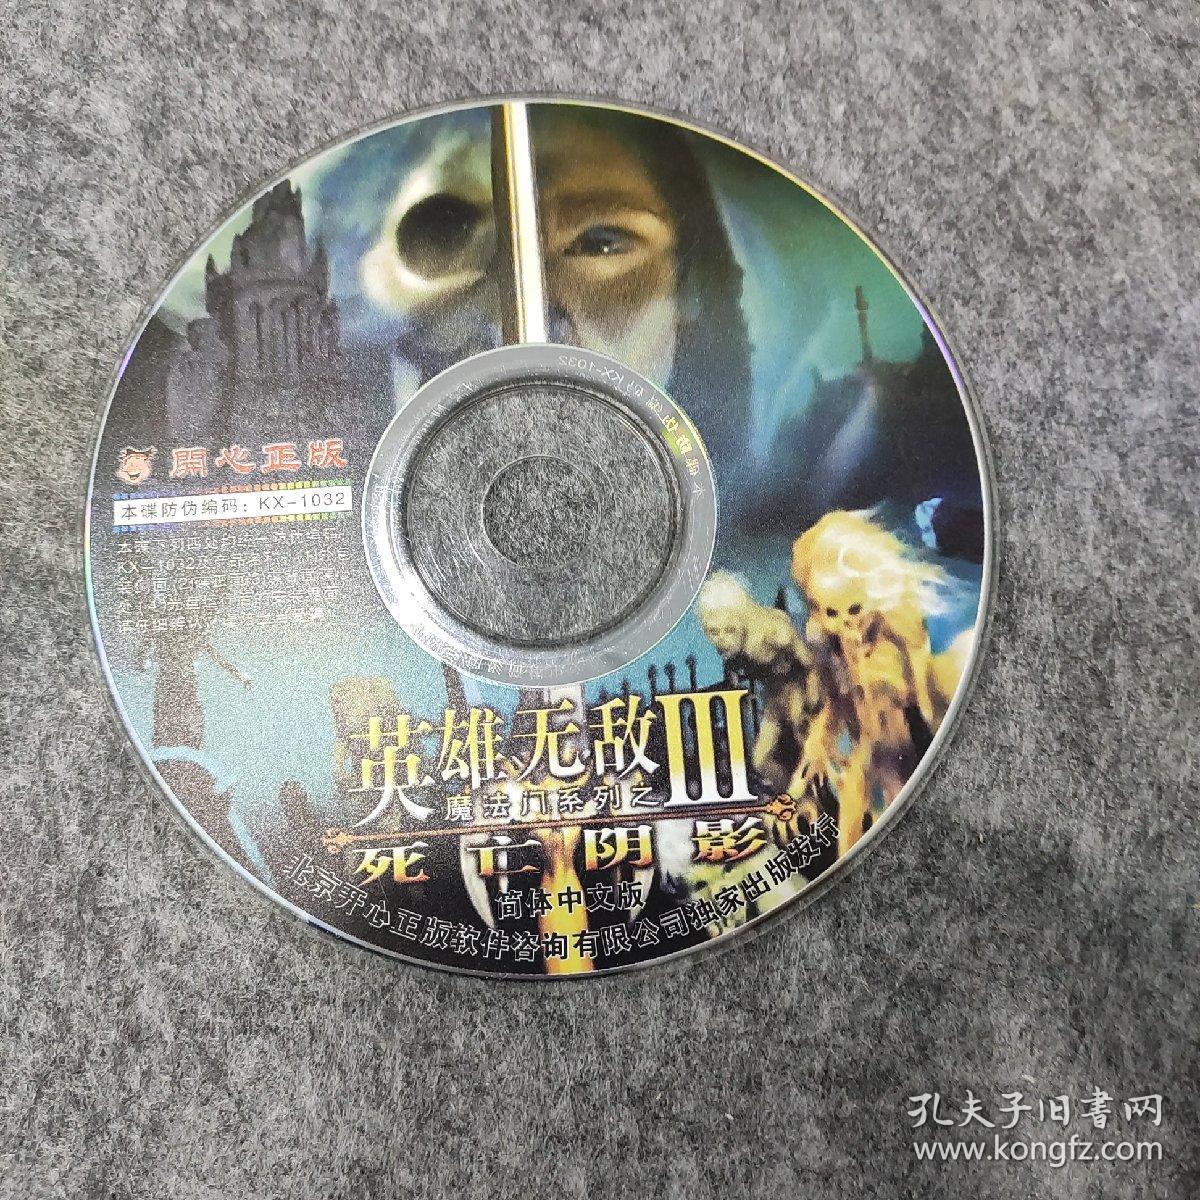 【游戏】魔法门系列之英雄无敌III死亡阴影(1CD)裸盘